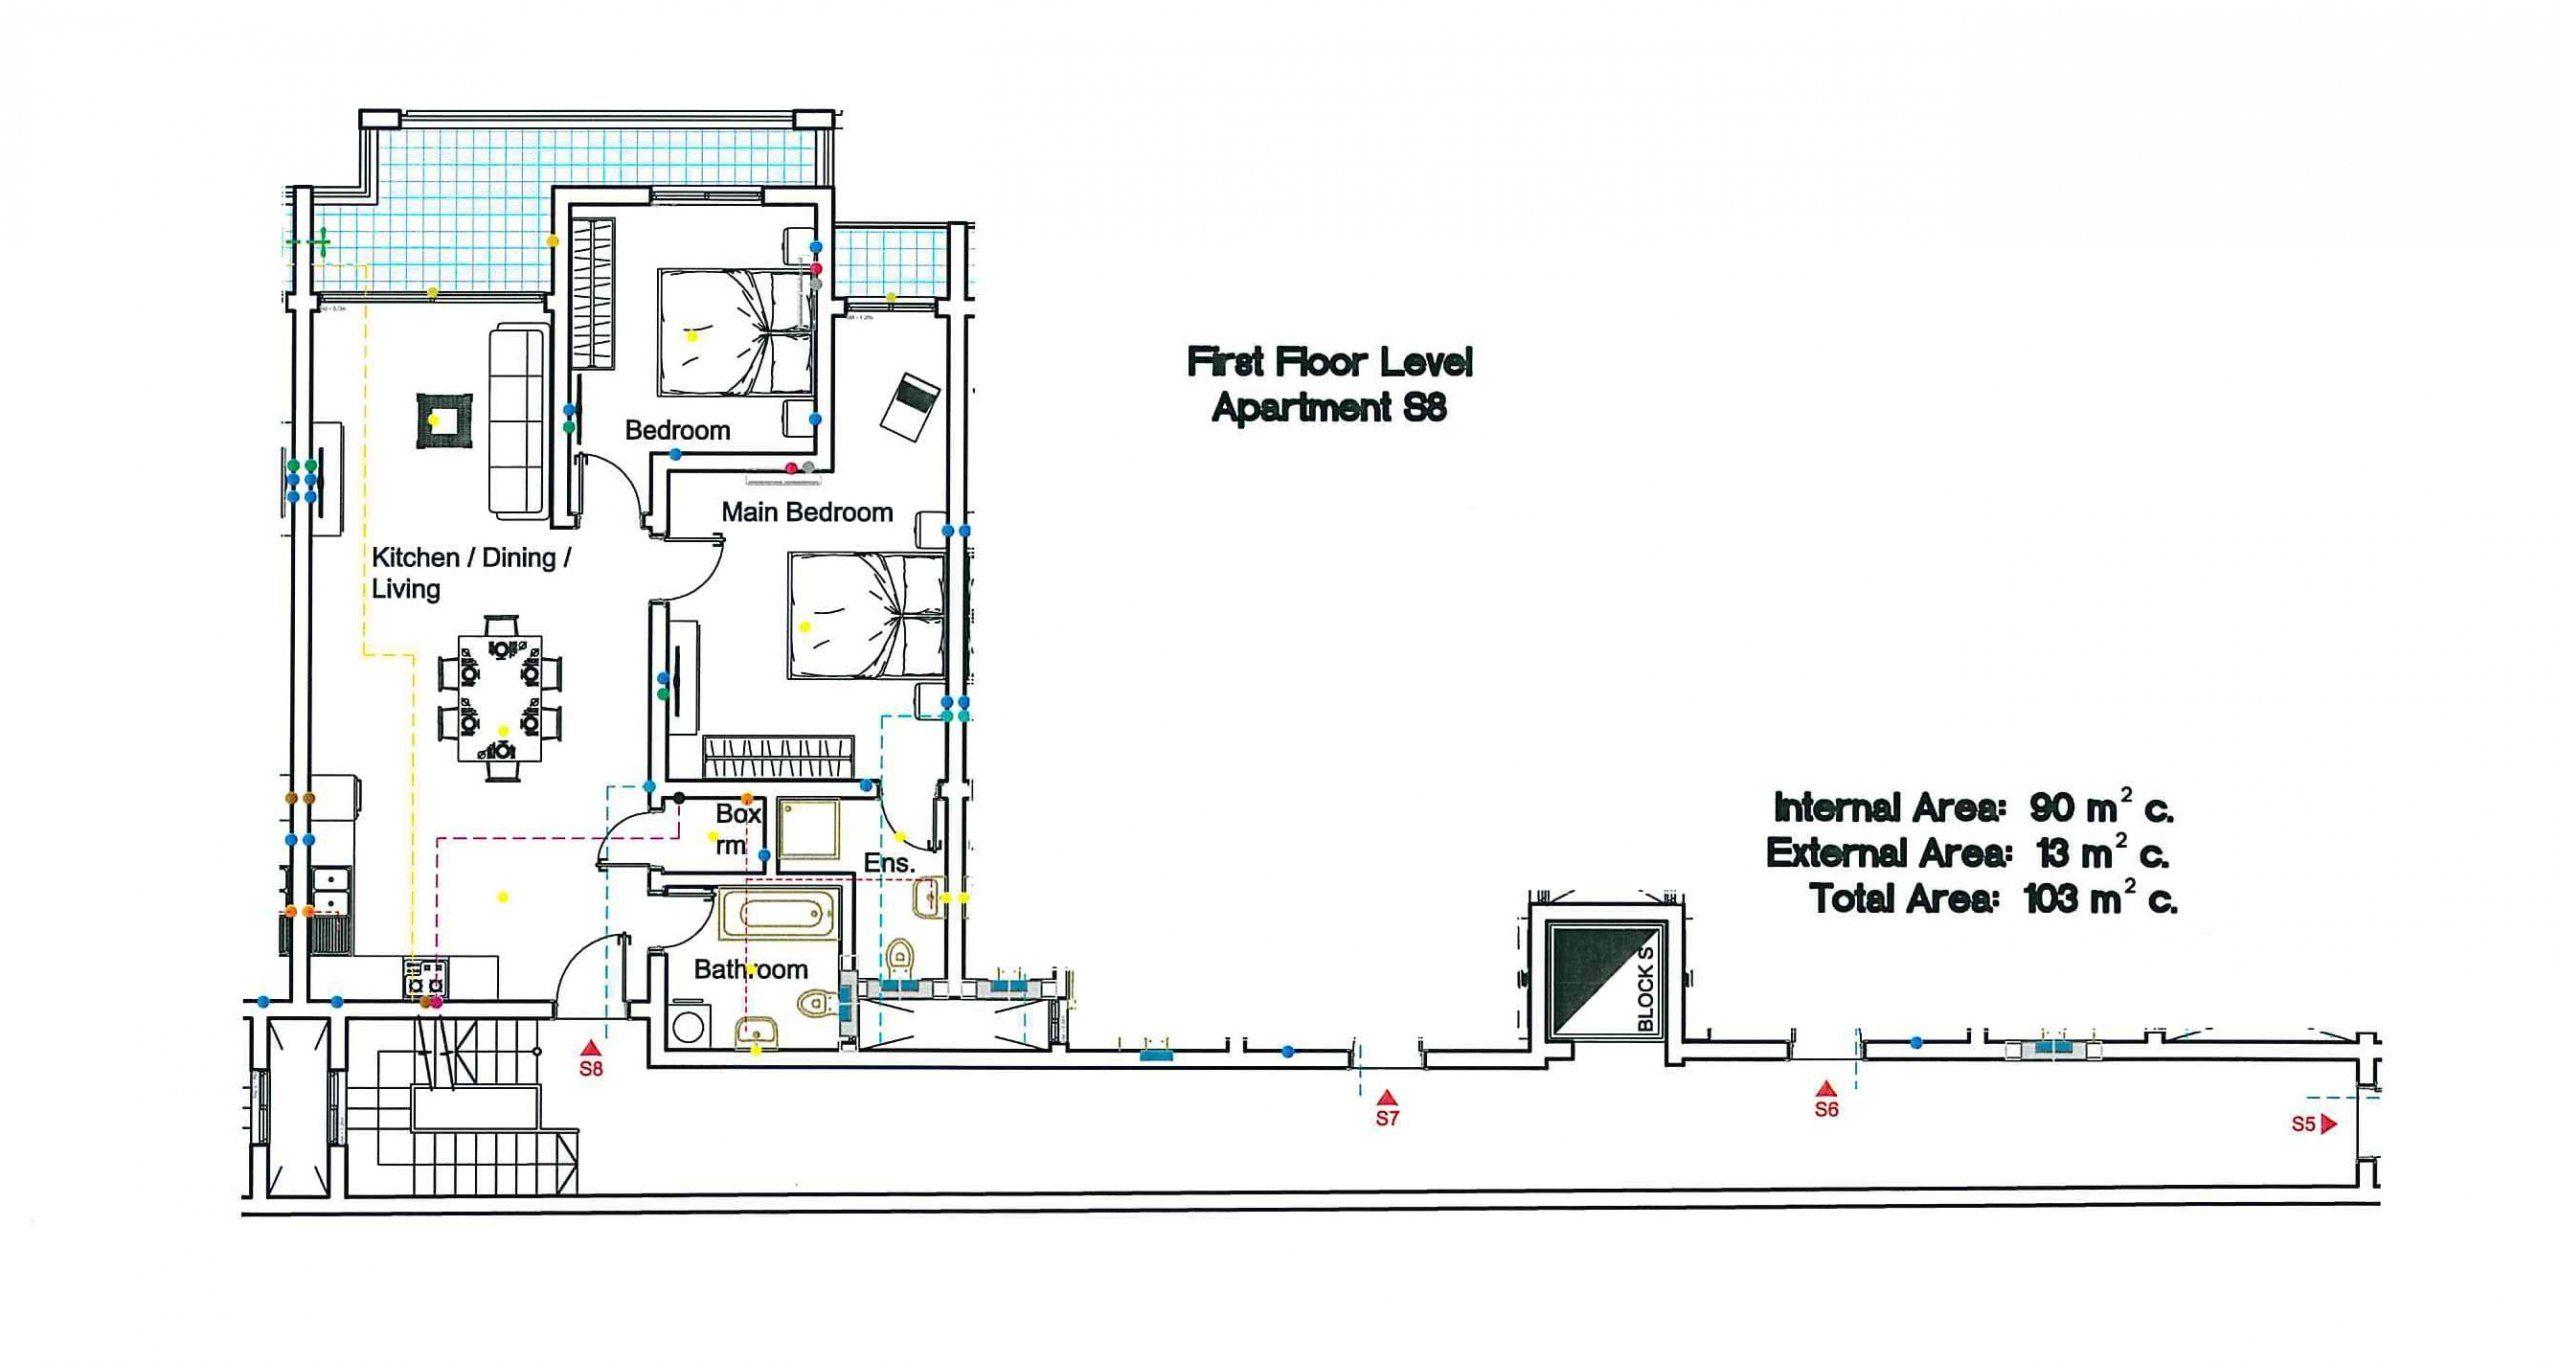 S8 First Floor